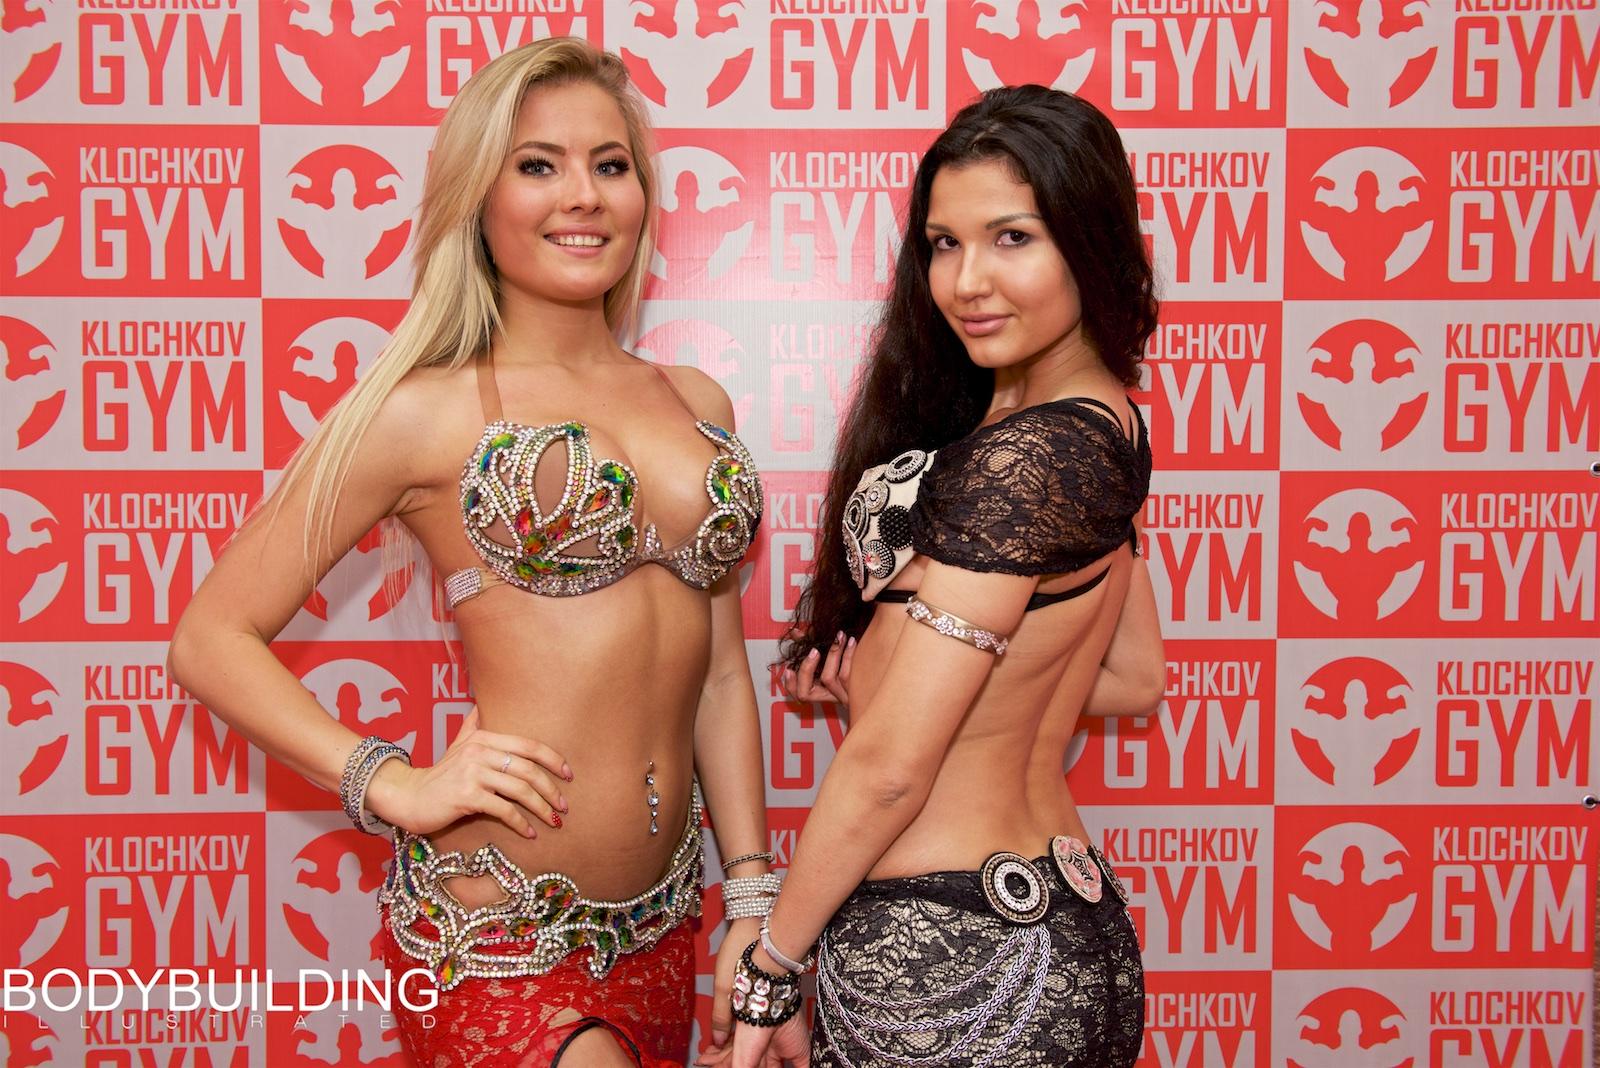 Линда Шоу фитнес клуб Klochkov Gym